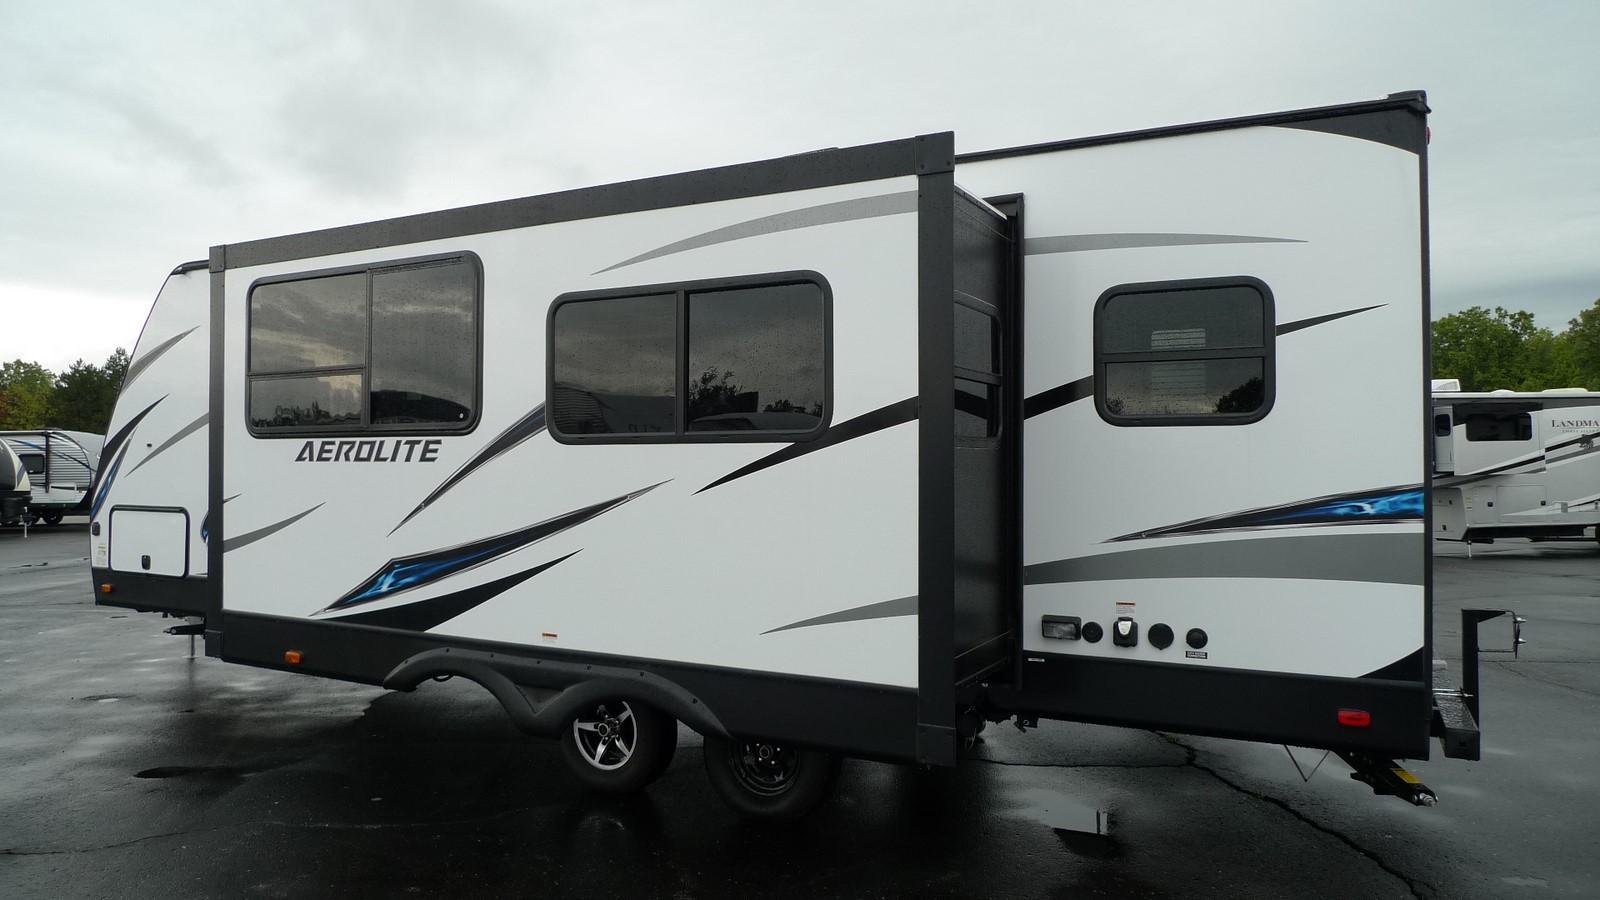 2520RKSL Aerolite 2017 Dutchmen RV Lightweight Camper Travel Trailer ...